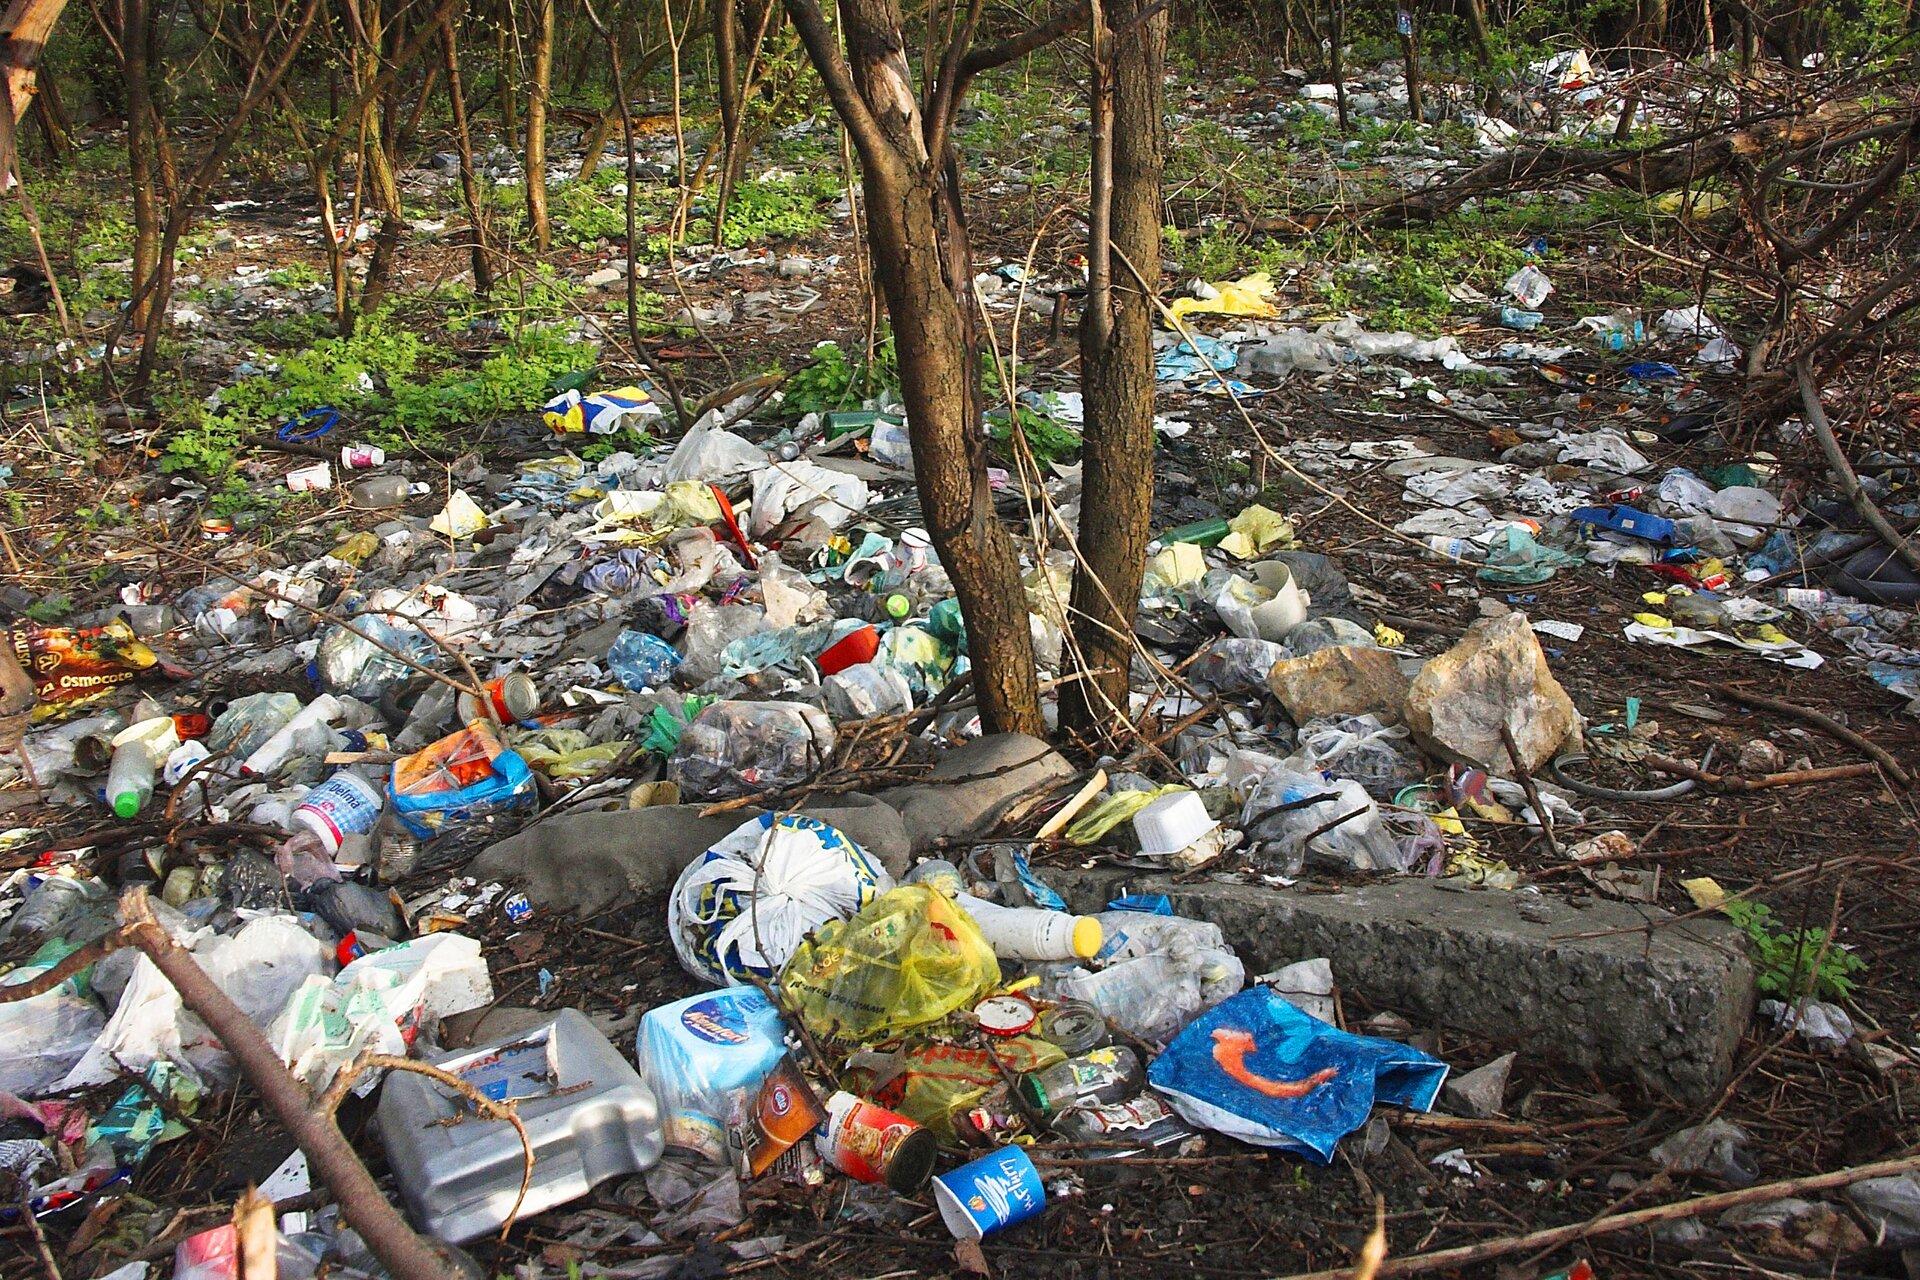 Na ziemi wlesie leży mnóstwo porozrzucanych śmieci – plastikowych butelek, kolorowych folii, słoików, puszek. Jest to nielegalne wysypisko śmieci.